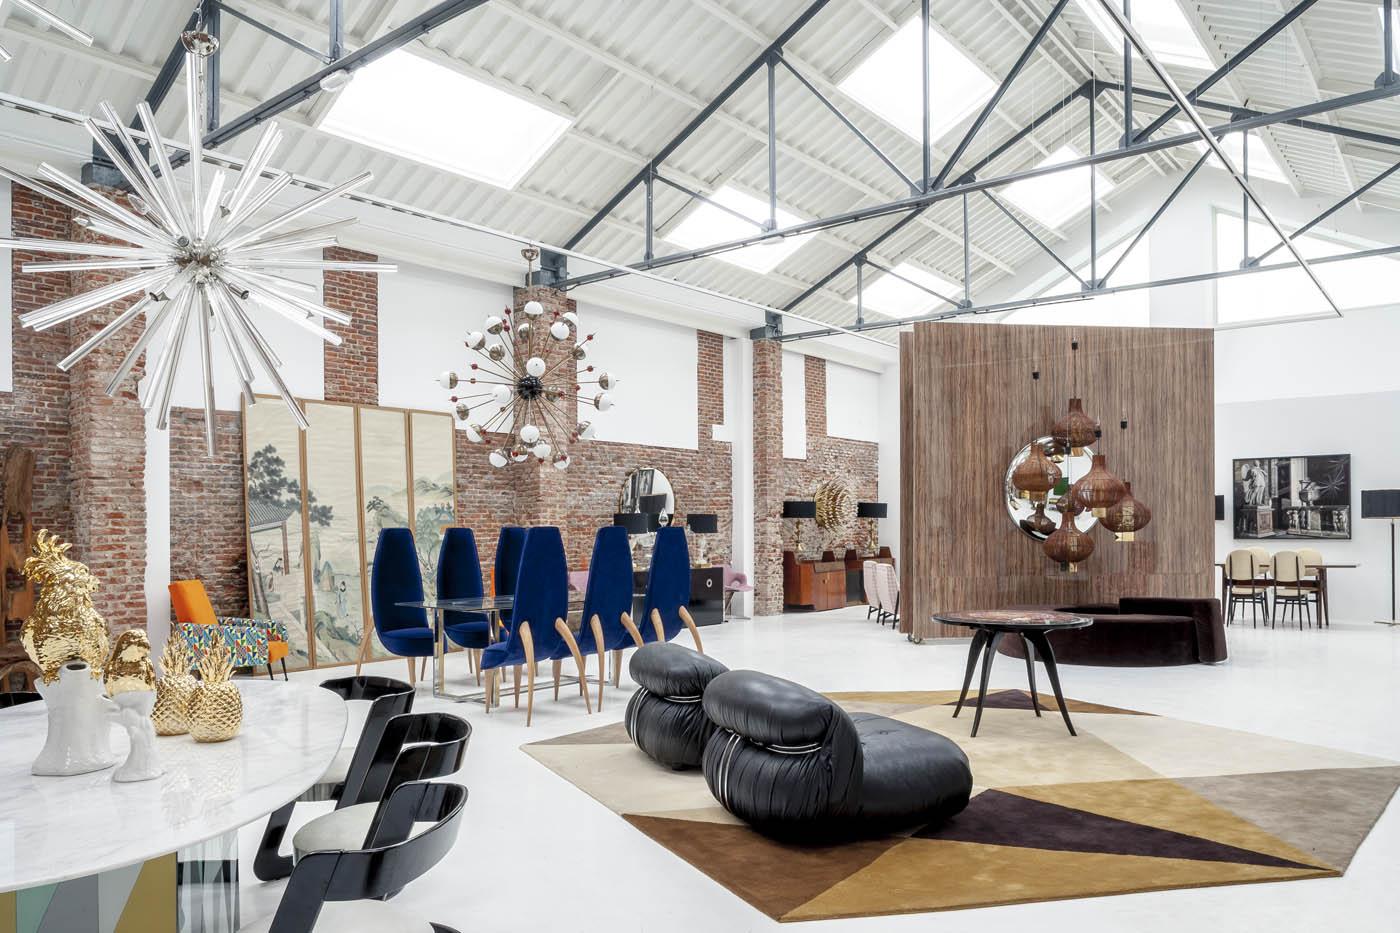 Decorar-una-casa-showroom-La-Studio-en-Madrid Showroom L.A. Studio en Madrid Decorar una casa showroom La Studio en Madrid